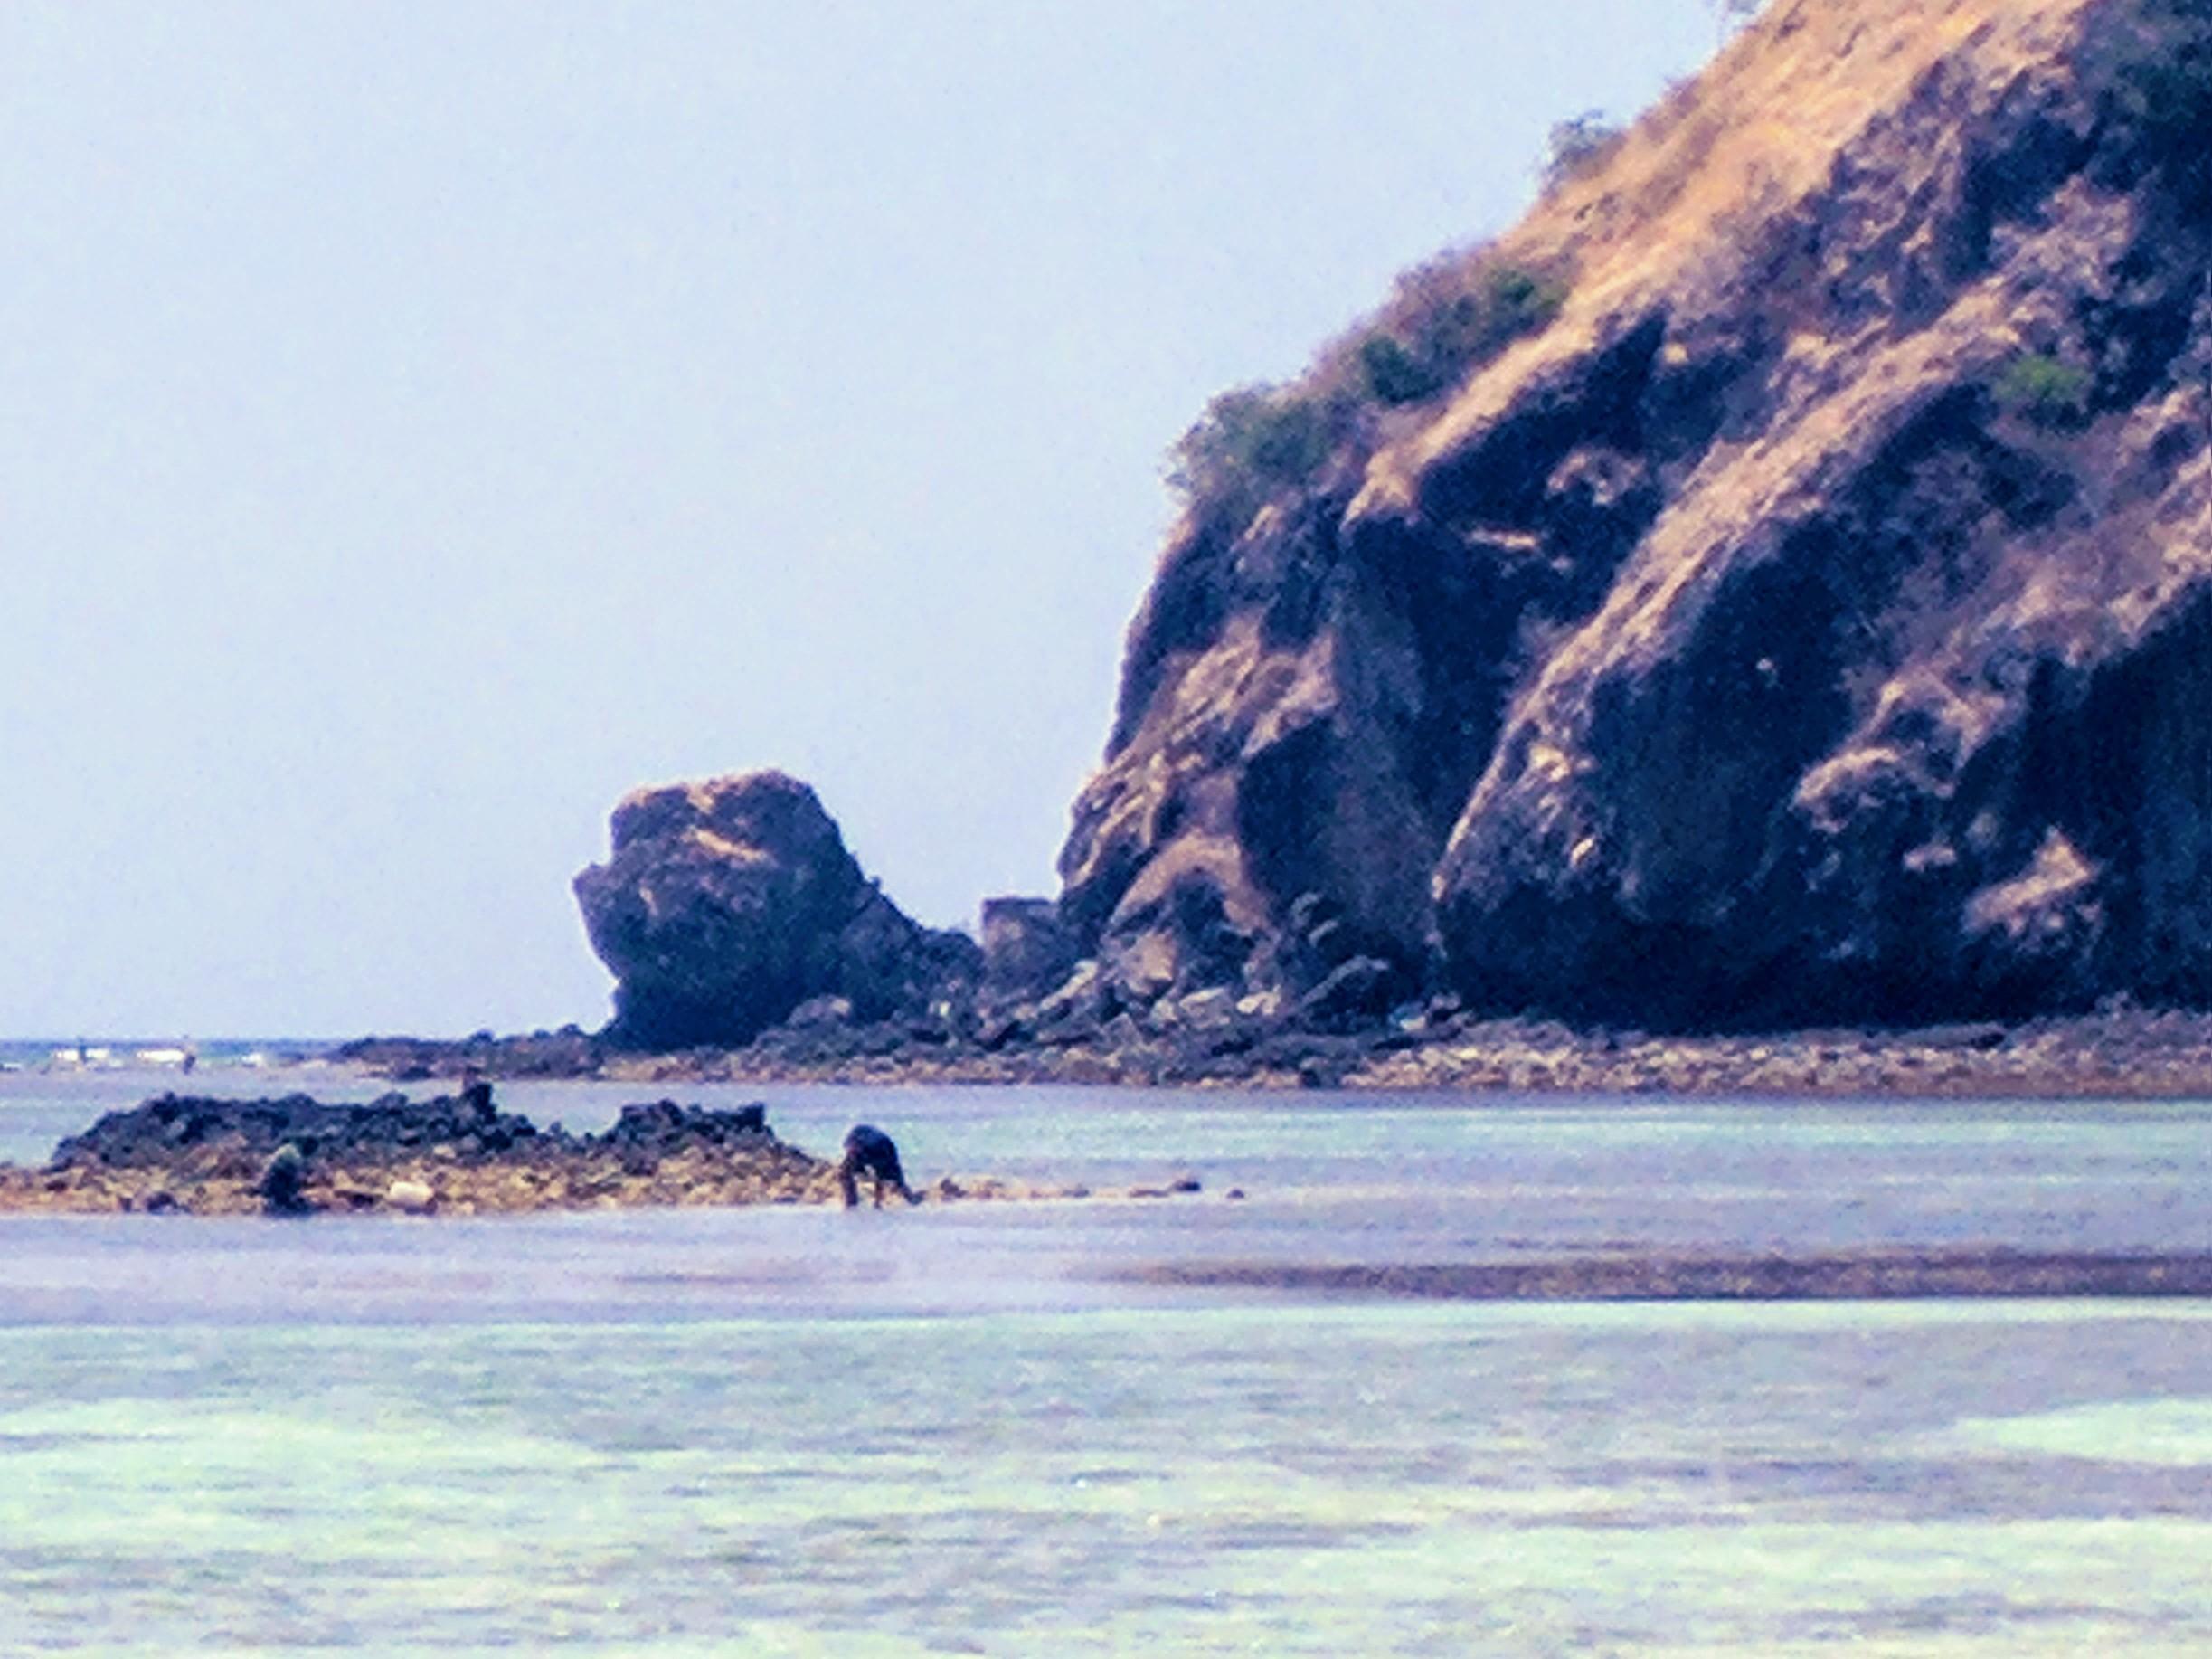 Windward side of the islands